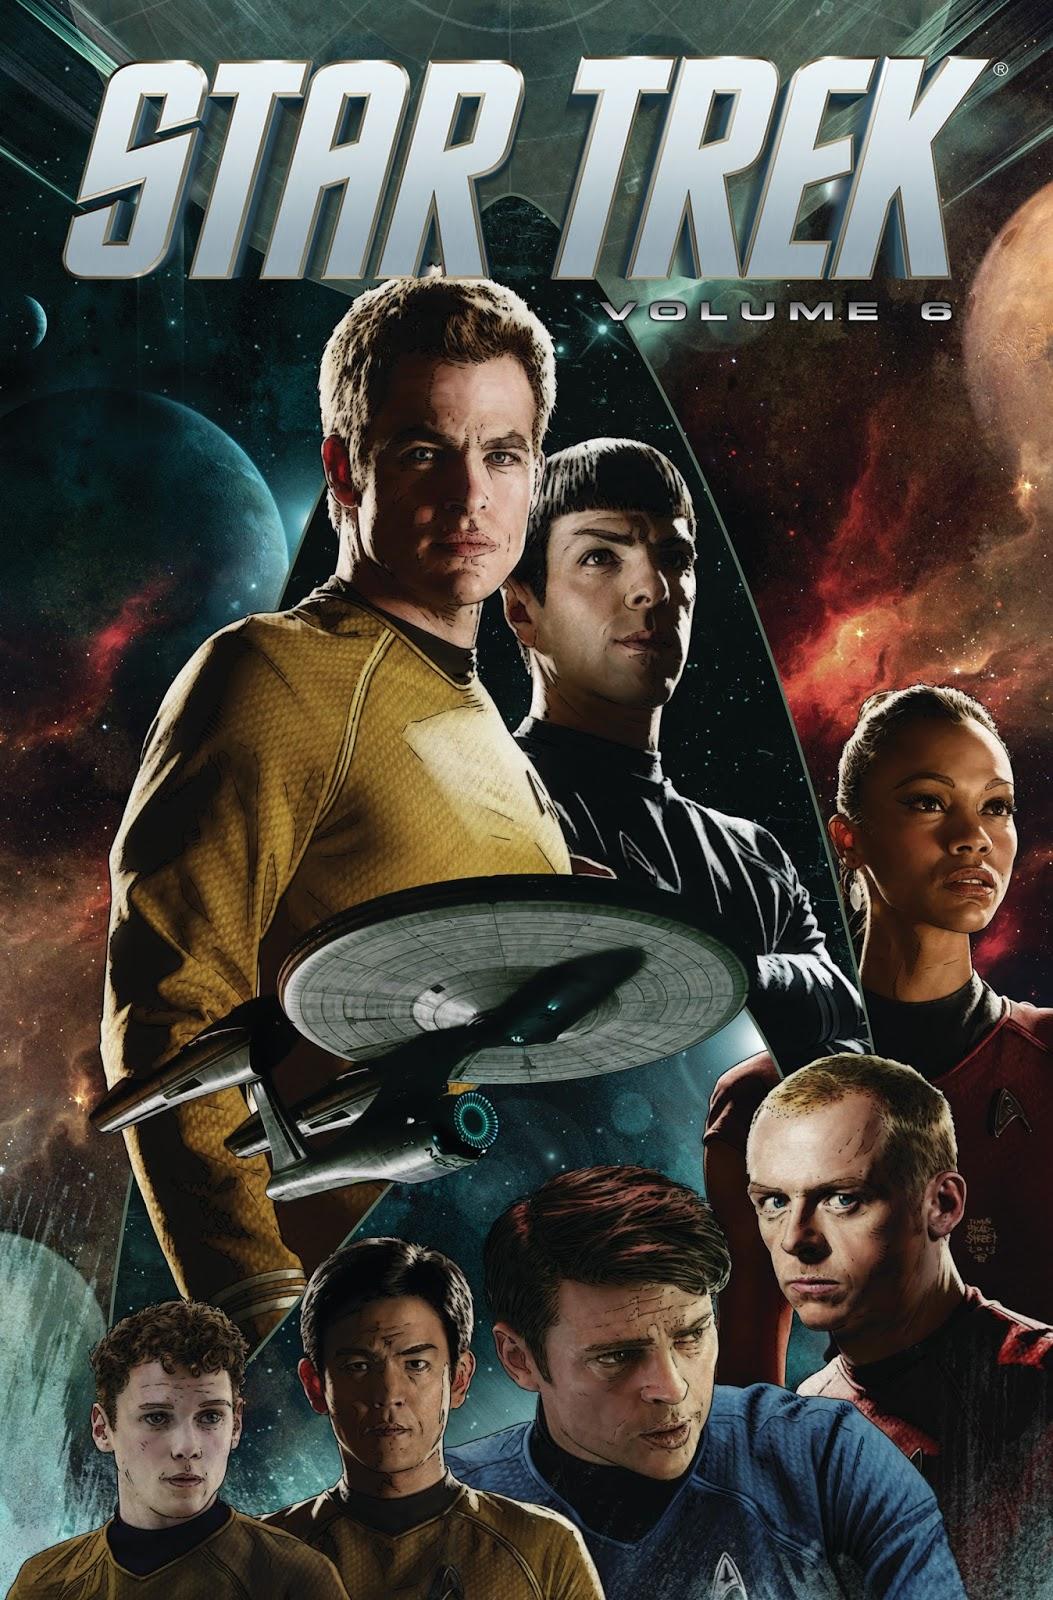 Star Trek, Volume 6: After Darkness